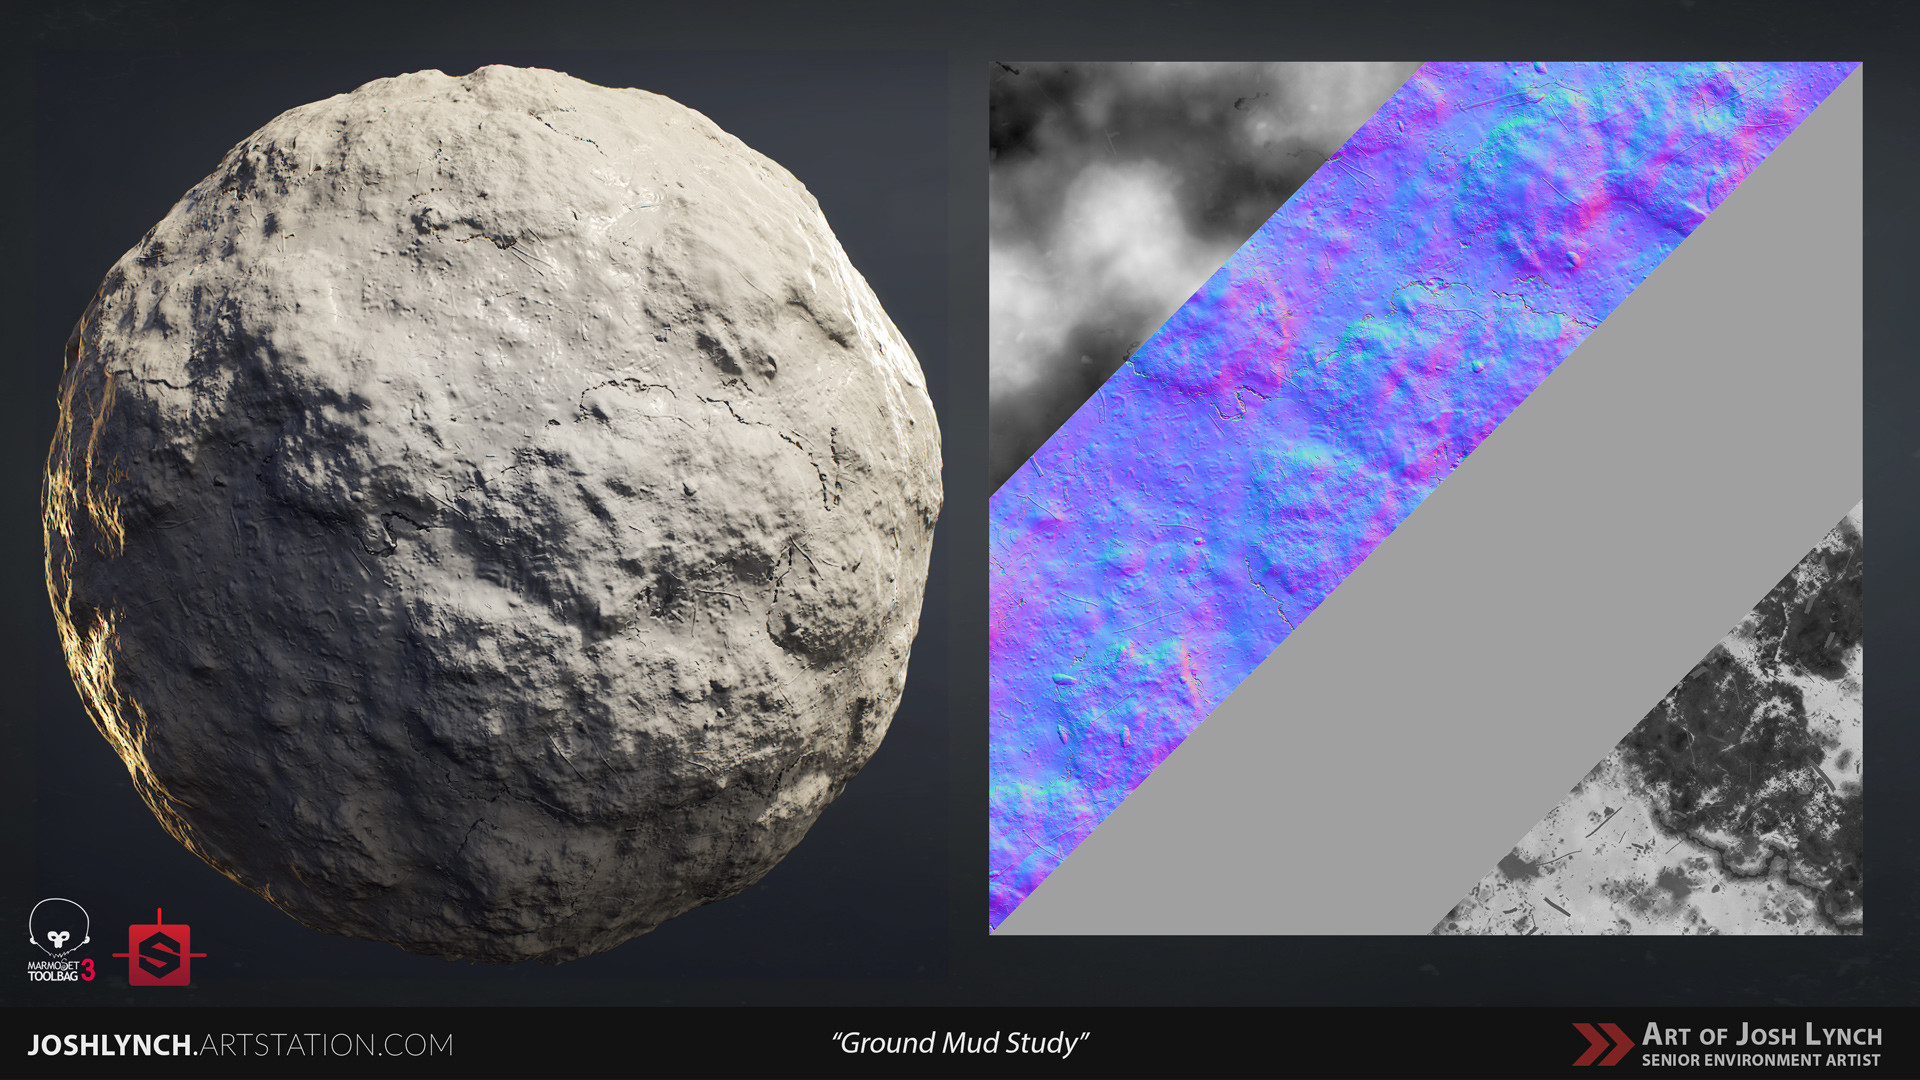 Joshua lynch ground mud 01 sphere 01 gray